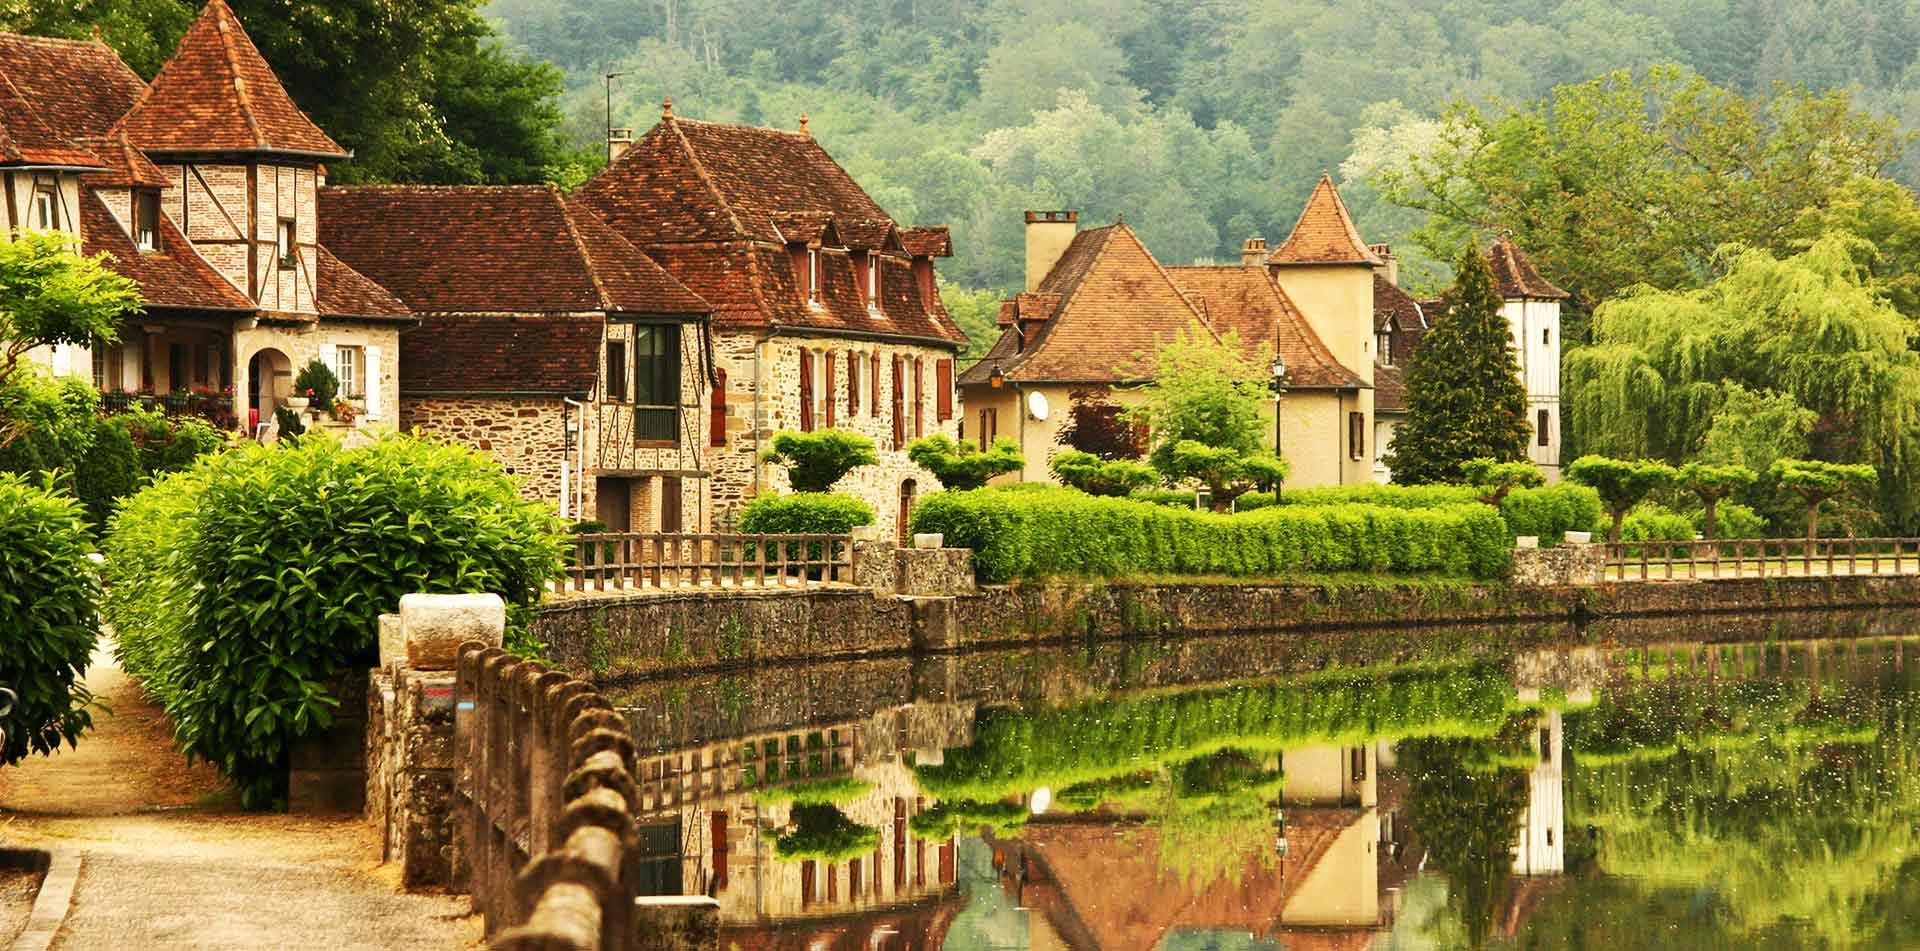 Bordeaux & Dordogne trip - Spirit Road Travel